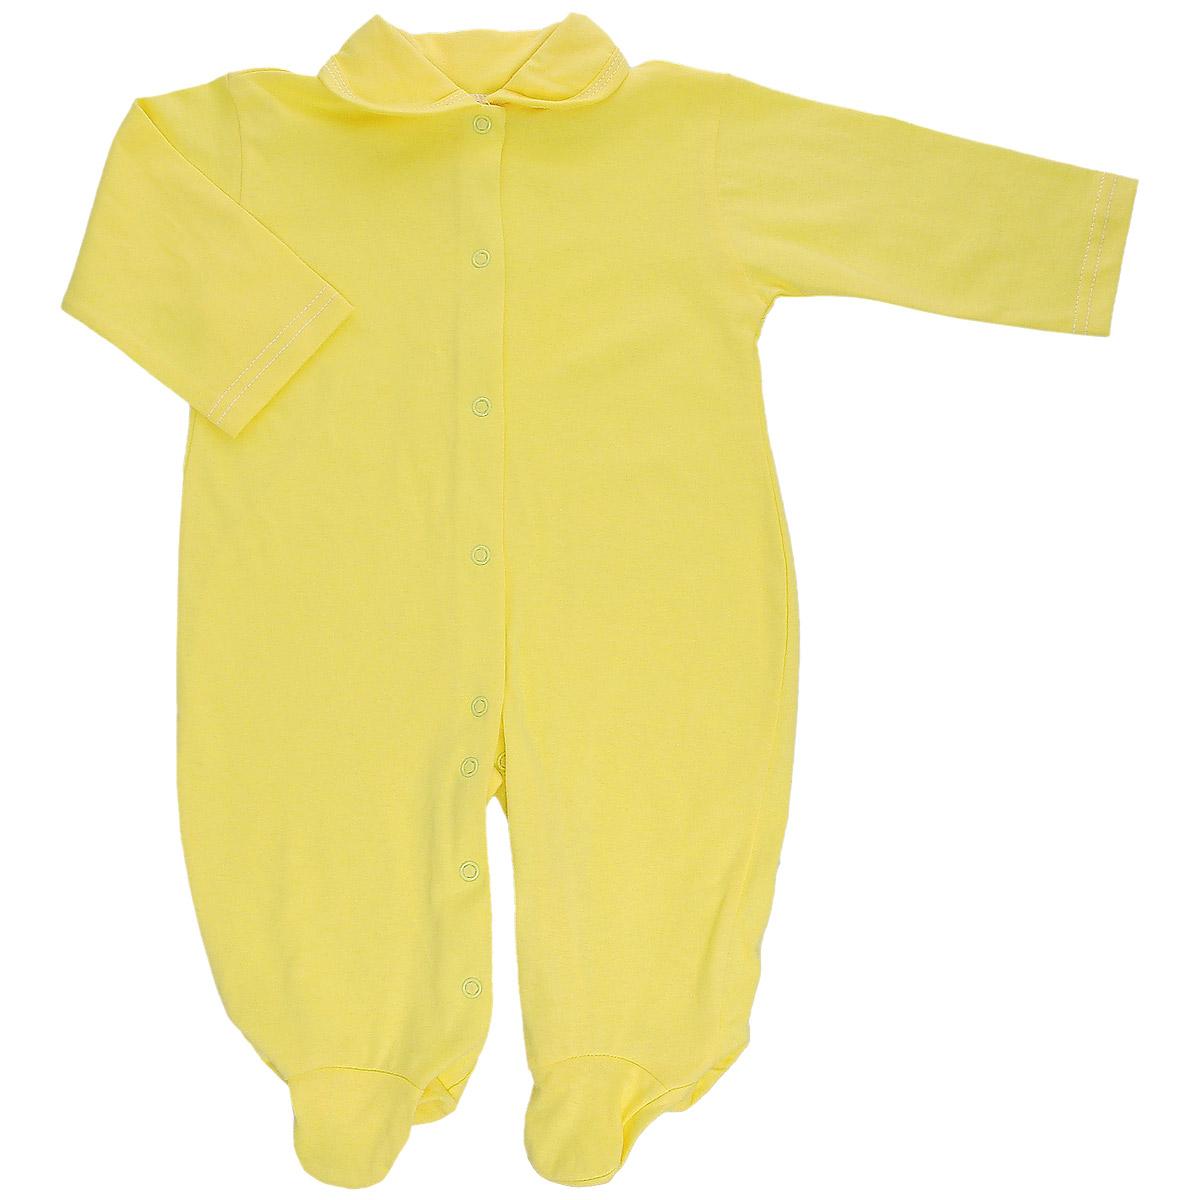 Комбинезон детский Трон-Плюс, цвет: желтый. 5805. Размер 68, 6 месяцев5805Детский комбинезон Трон-Плюс - очень удобный и практичный вид одежды для малышей. Комбинезон выполнен из кулирного полотна - натурального хлопка, благодаря чему он необычайно мягкий и приятный на ощупь, не раздражает нежную кожу ребенка, и хорошо вентилируются, а эластичные швы приятны телу малыша и не препятствуют его движениям. Комбинезон с длинными рукавами, закрытыми ножками и отложным воротничком имеет застежки-кнопки от горловины до щиколоток, которые помогают легко переодеть младенца или сменить подгузник. С детским комбинезоном спинка и ножки вашего малыша всегда будут в тепле, он идеален для использования днем и незаменим ночью. Комбинезон полностью соответствует особенностям жизни младенца в ранний период, не стесняя и не ограничивая его в движениях!